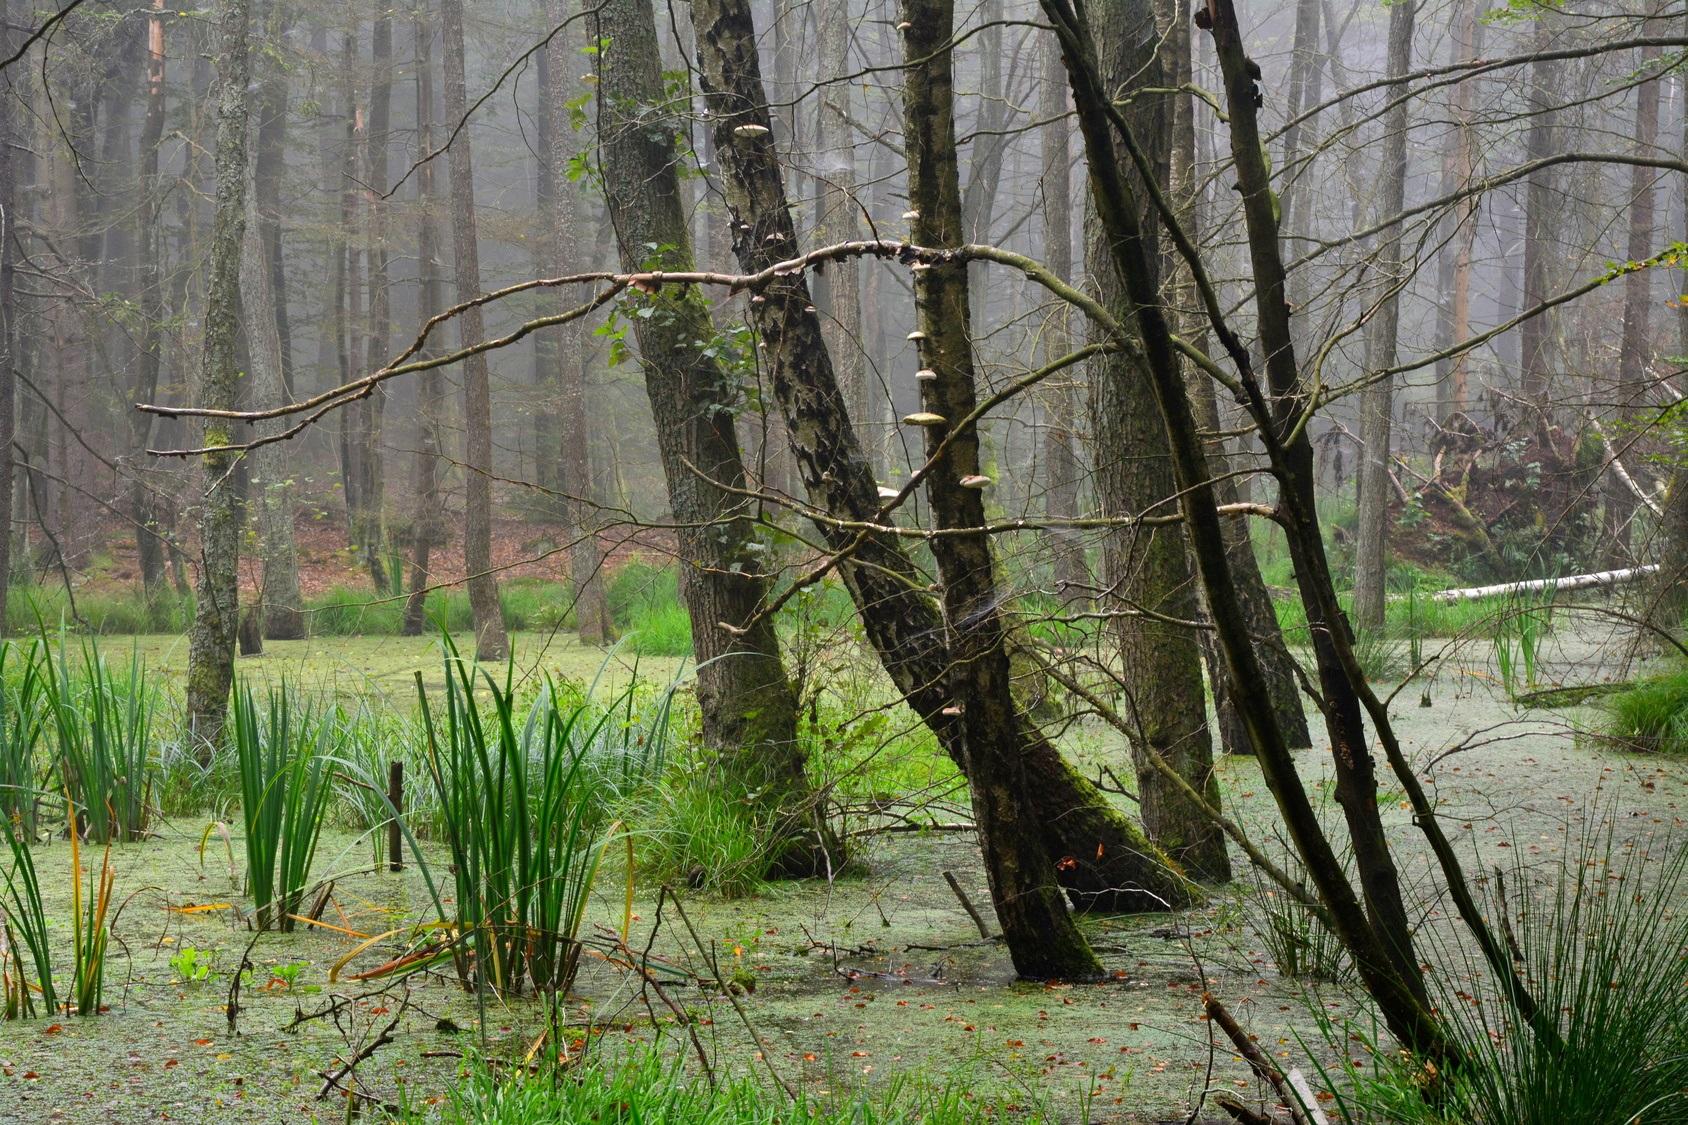 Moorwald mit stehendem Wasser und Sumpfpflanzen, an den Bäumen zum Teil Baumpilze